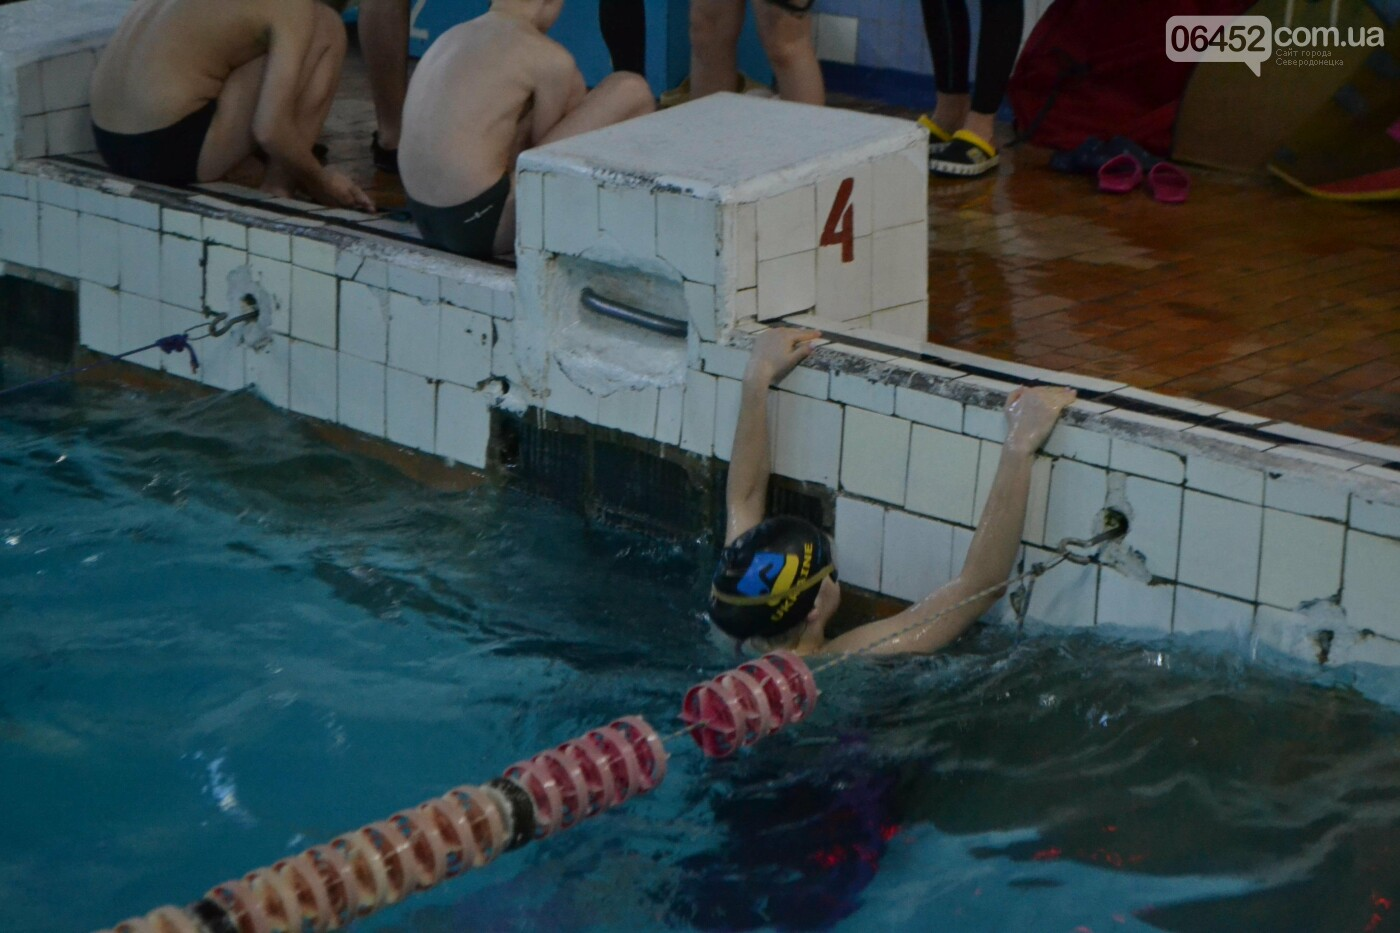 В Северодонецке проходит Чемпионат области по подводным видам спорта (фото, видео) , фото-12